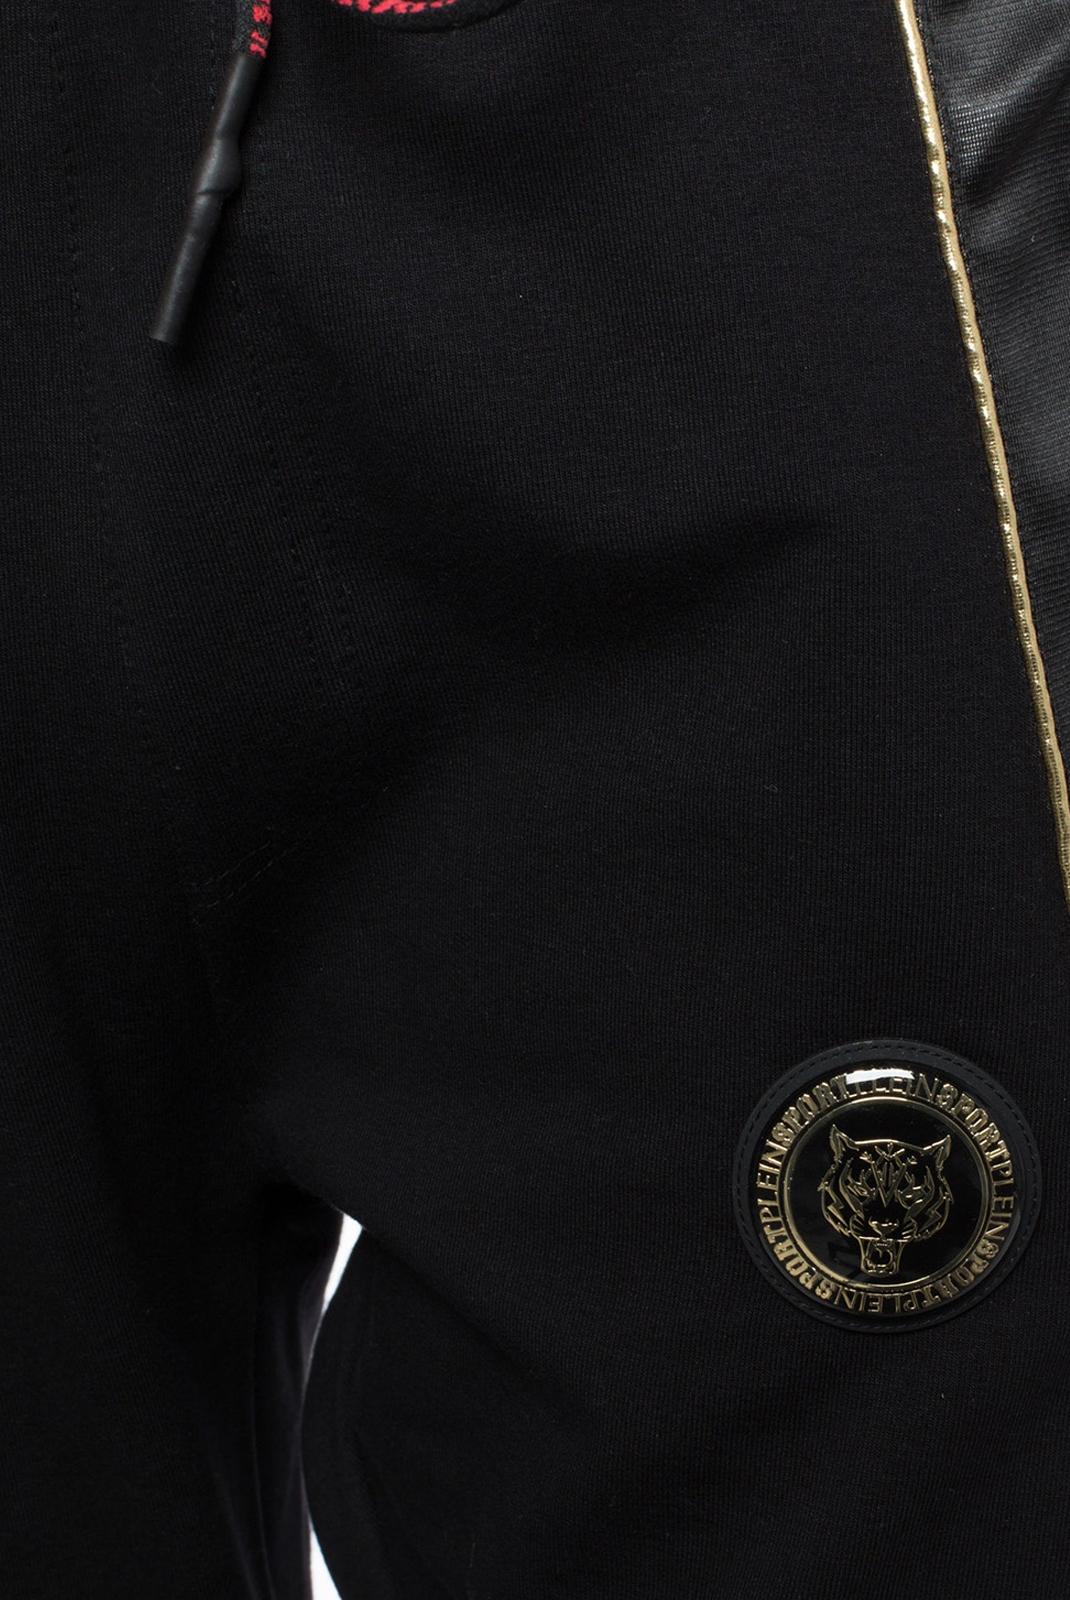 Pantalons sport/streetwear  Plein Sport MJT0449 BLACK/GOLD